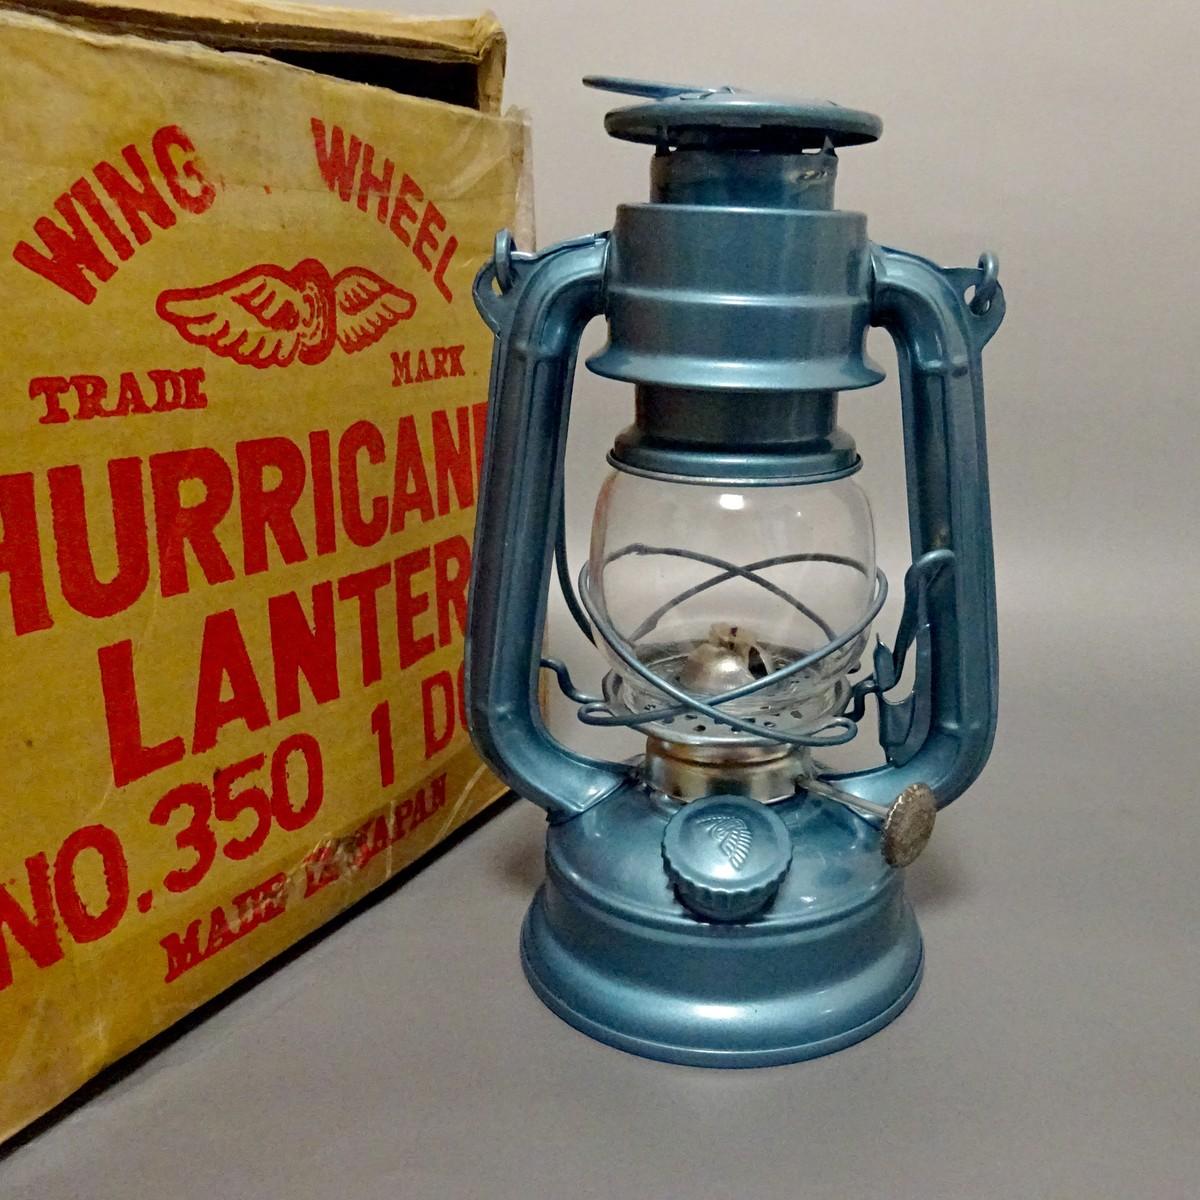 WINGED WHEEL(別所ランプ) NO.350 デッドストック | lantern&stoves ...